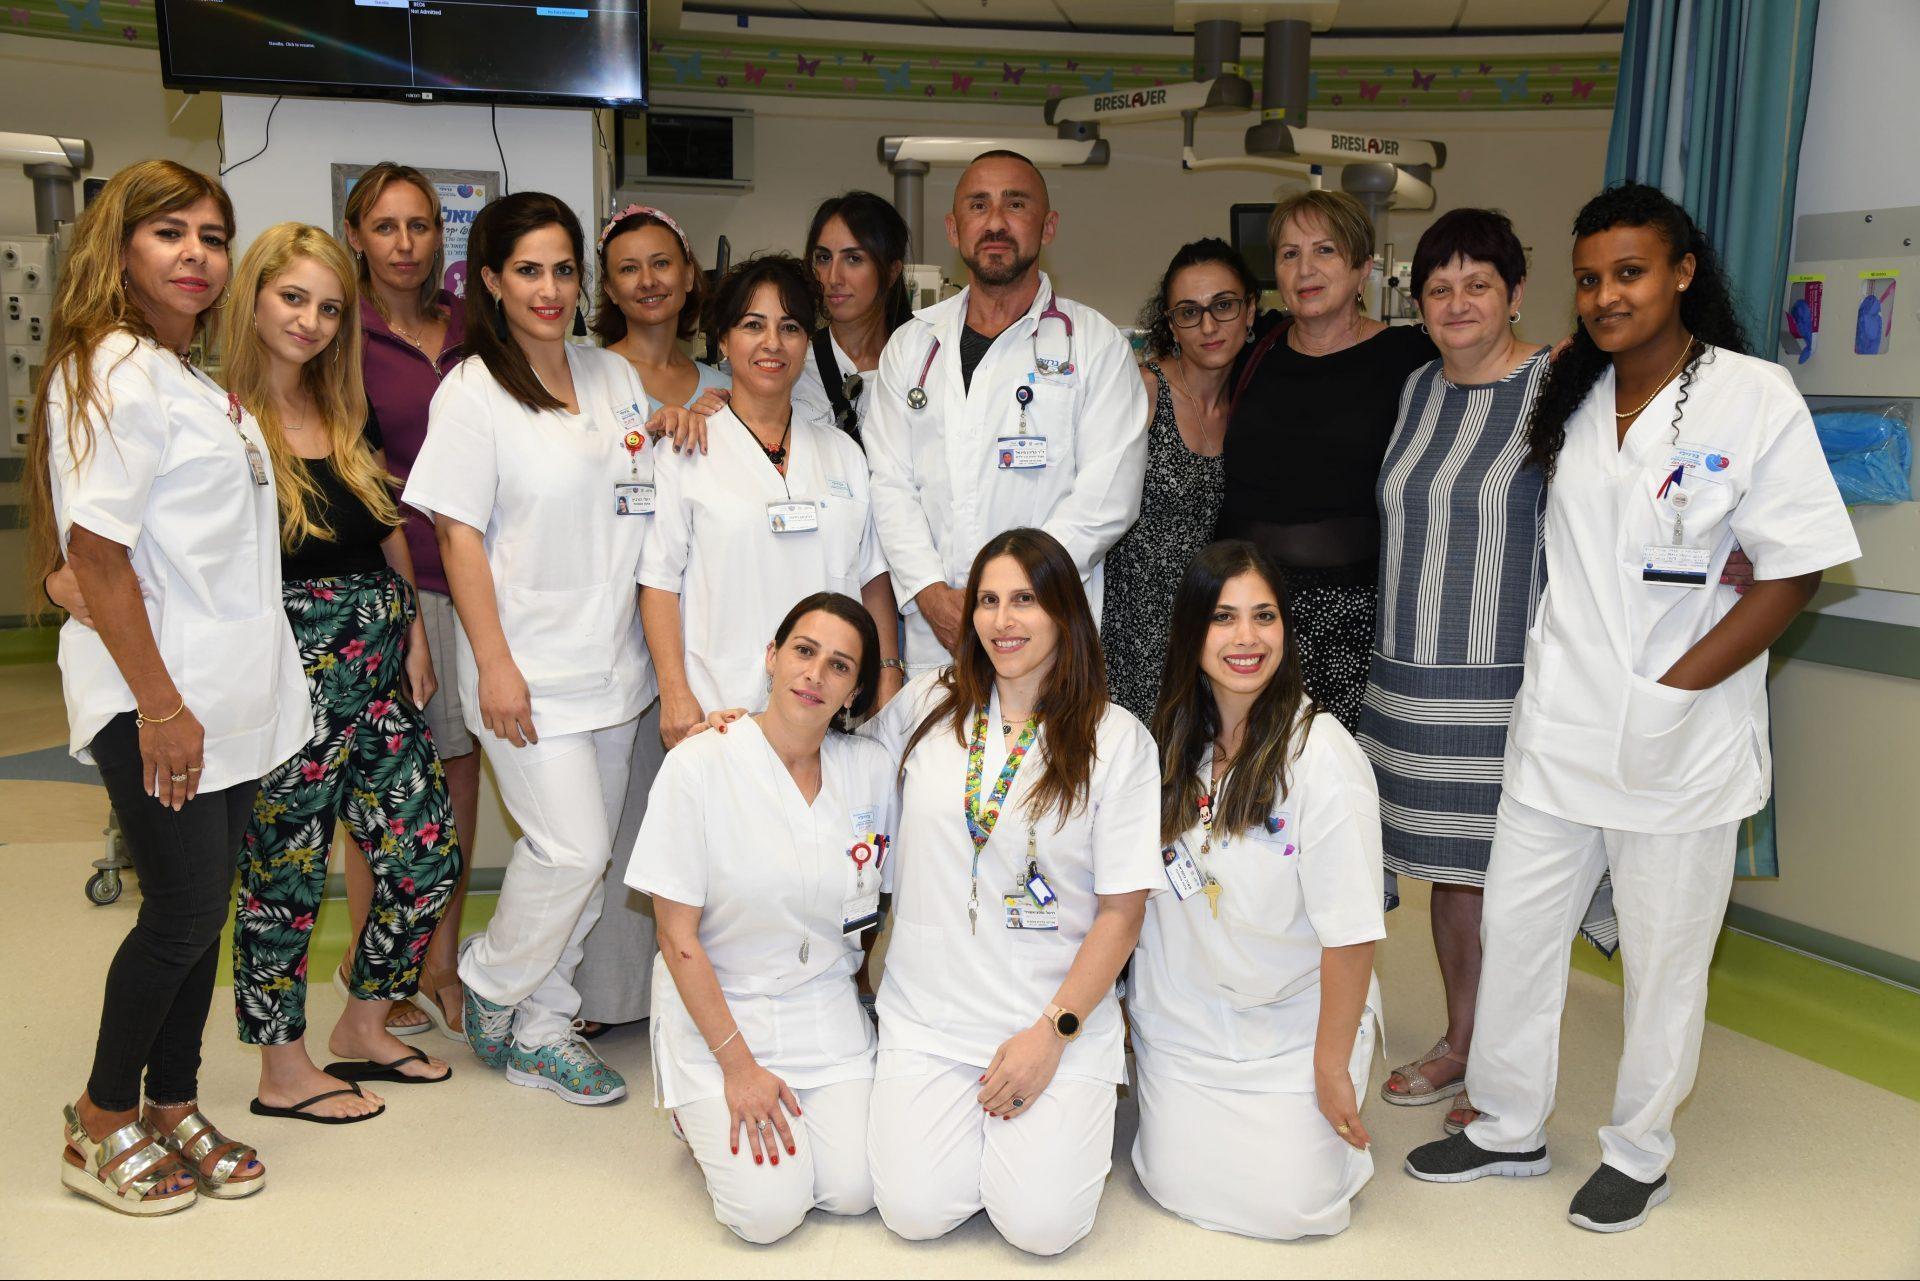 מחלקת טיפול נמרץ ילדים. צילום: רפואי דוד אביעוז, המרכז הרפואי ברזילי